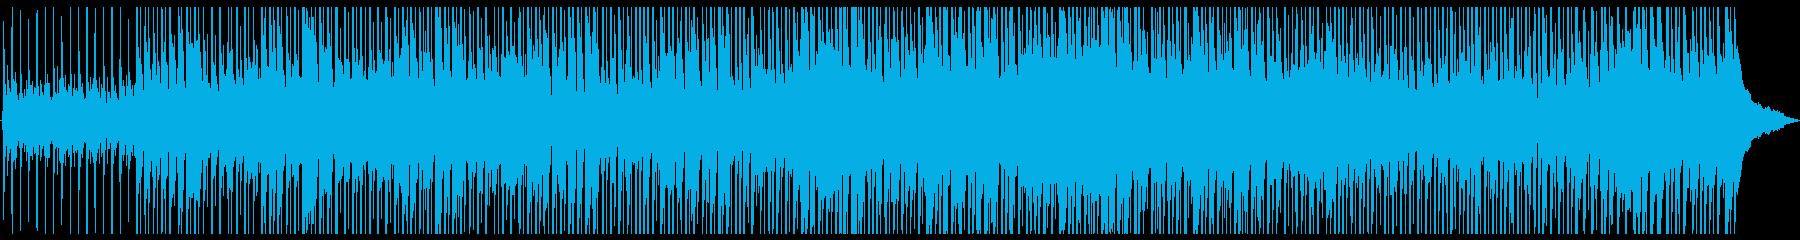 代替案 ポップ カントリー 民謡 ...の再生済みの波形